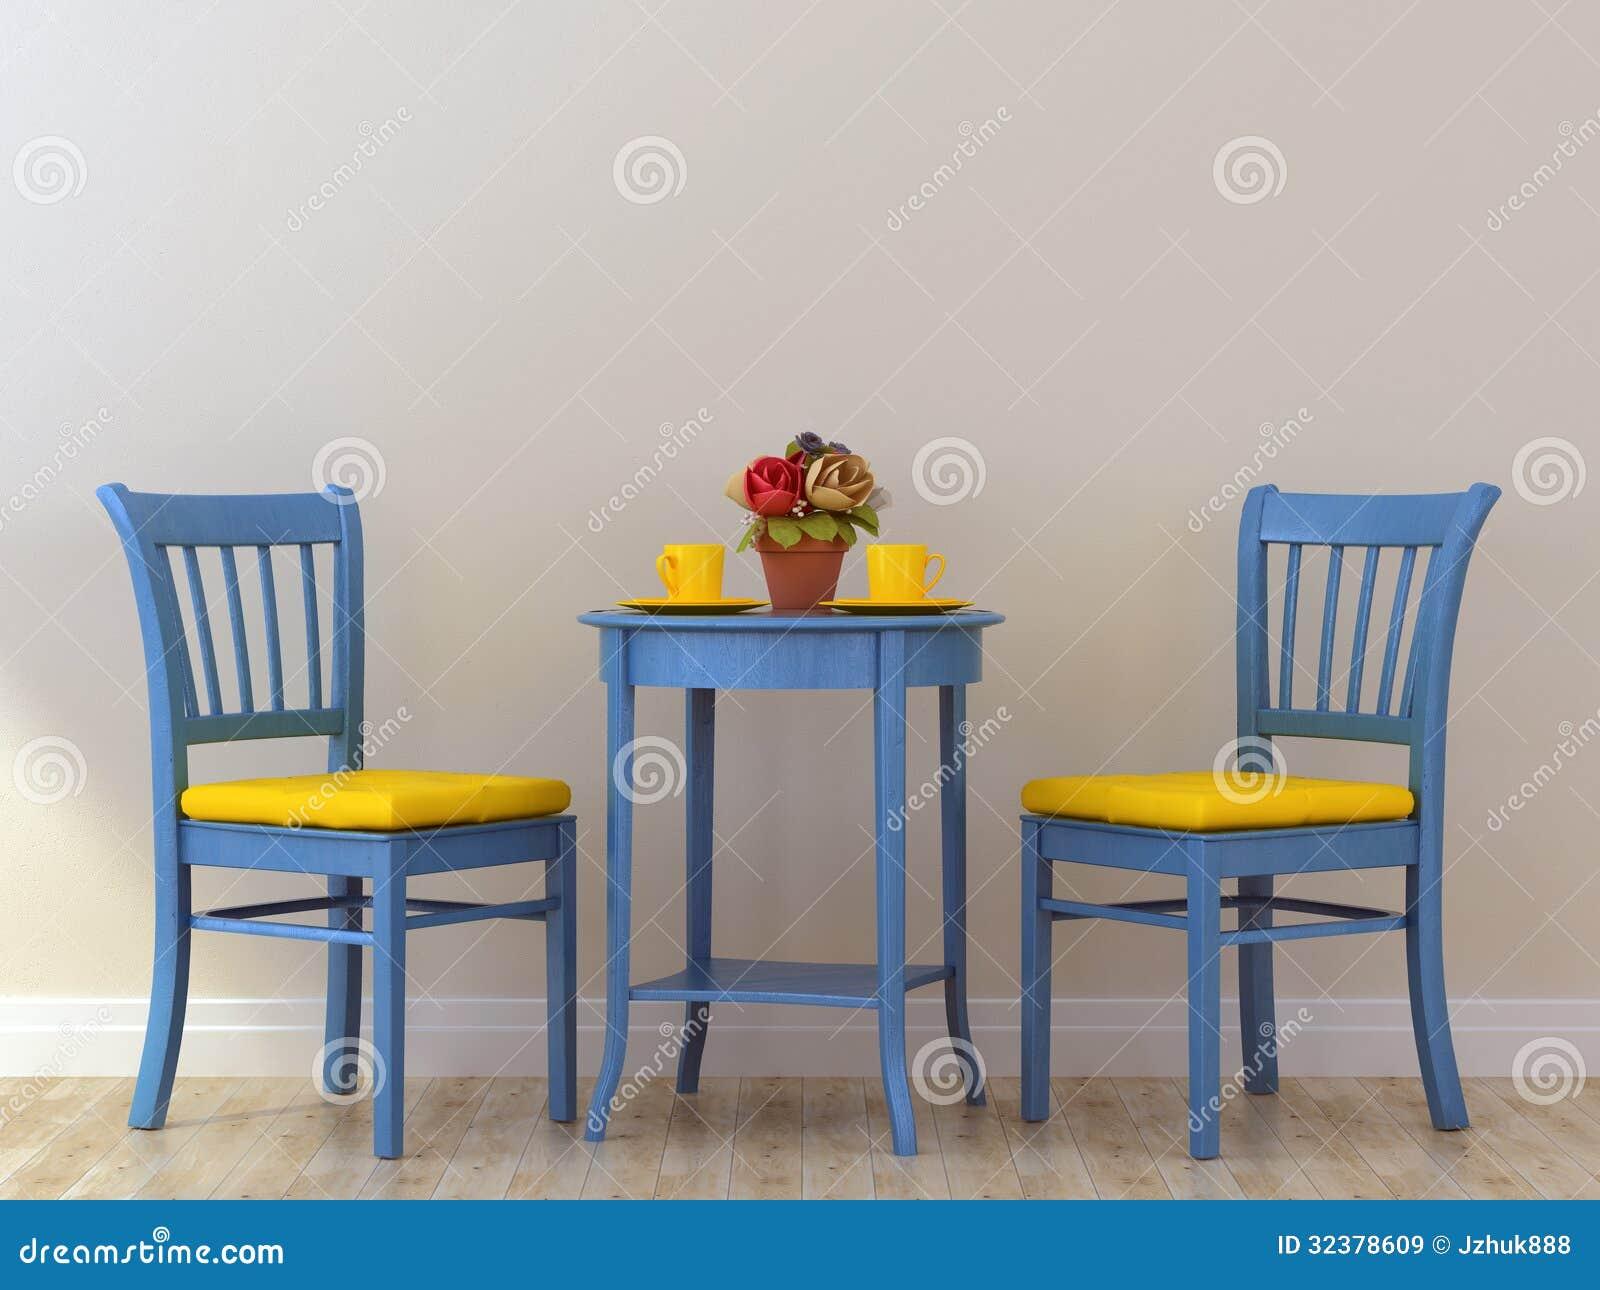 chaises bleues avec la table images libres de droits image 32378609. Black Bedroom Furniture Sets. Home Design Ideas